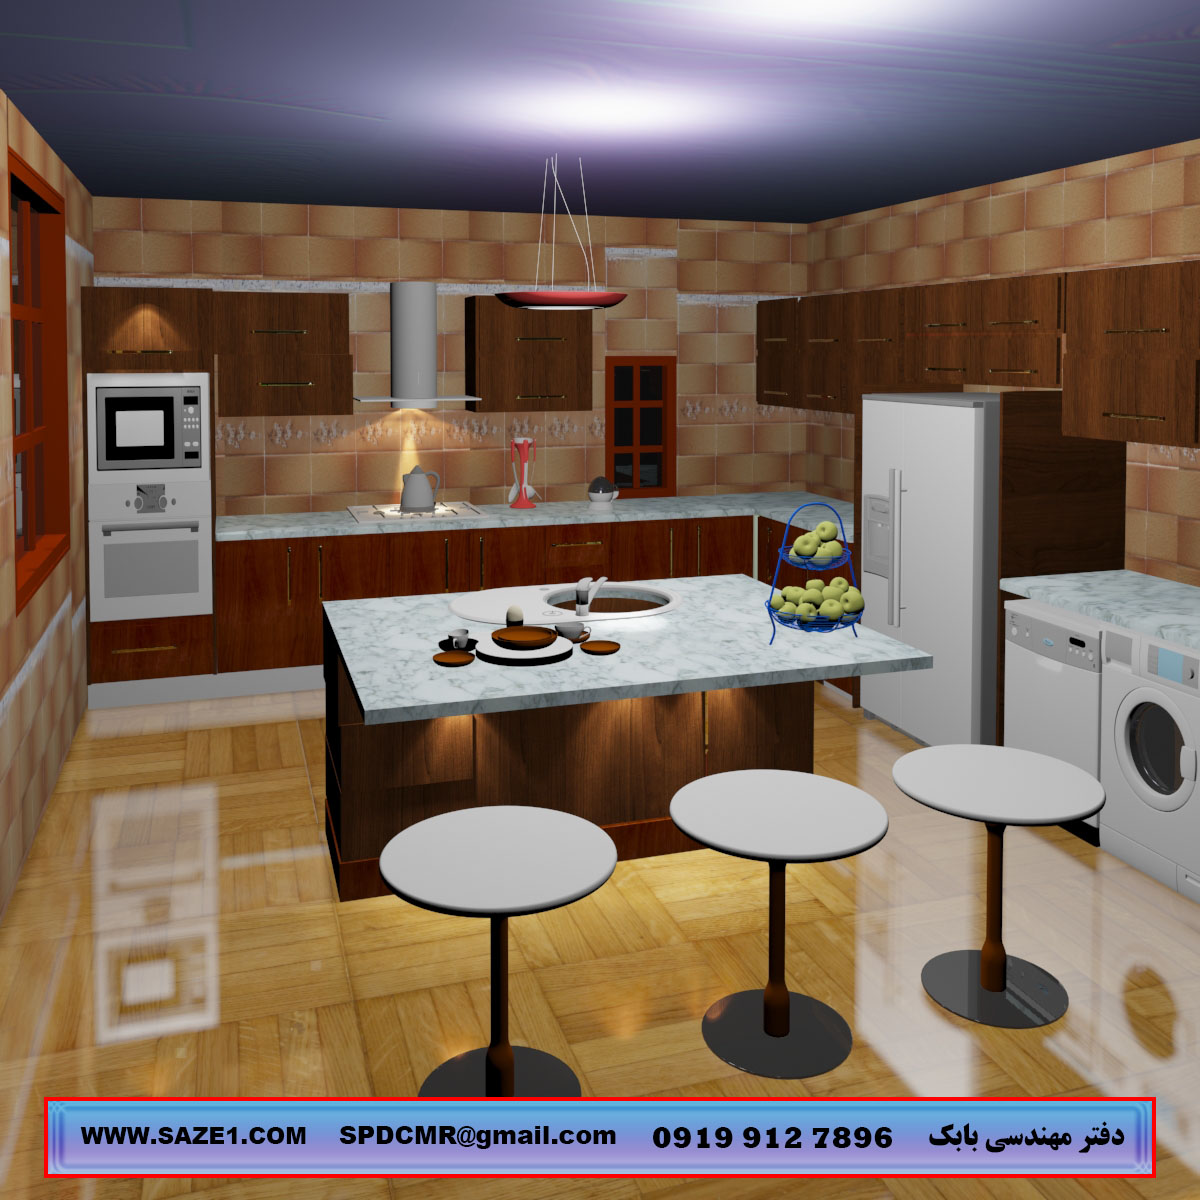 سه بعدی سازی کابینت آشپزخانه